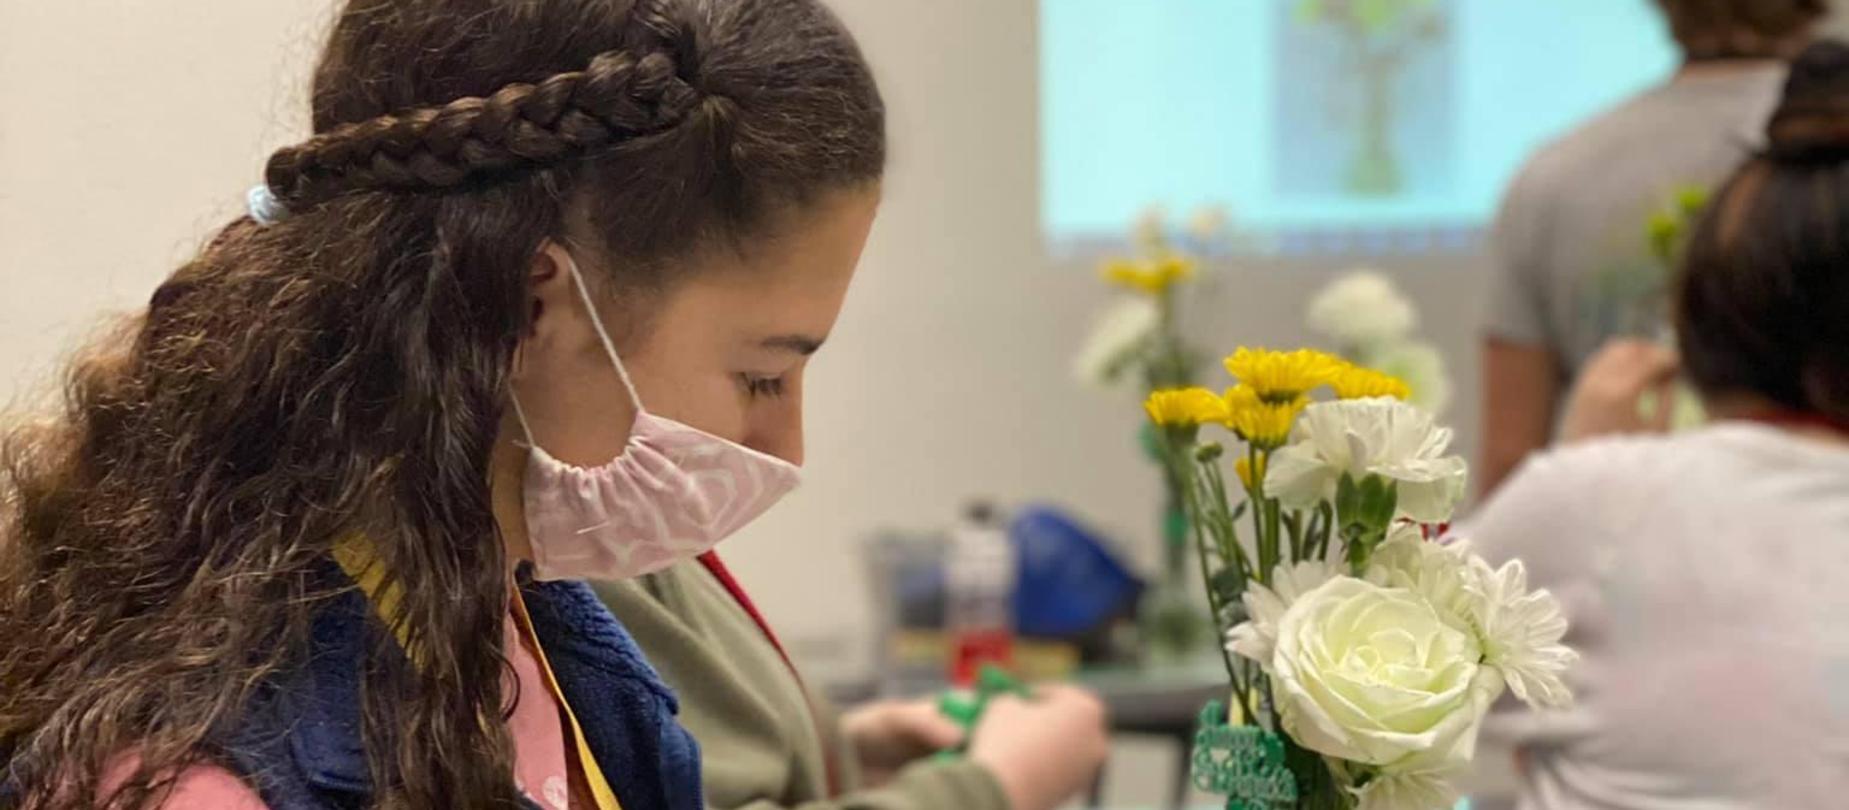 Floral Design student